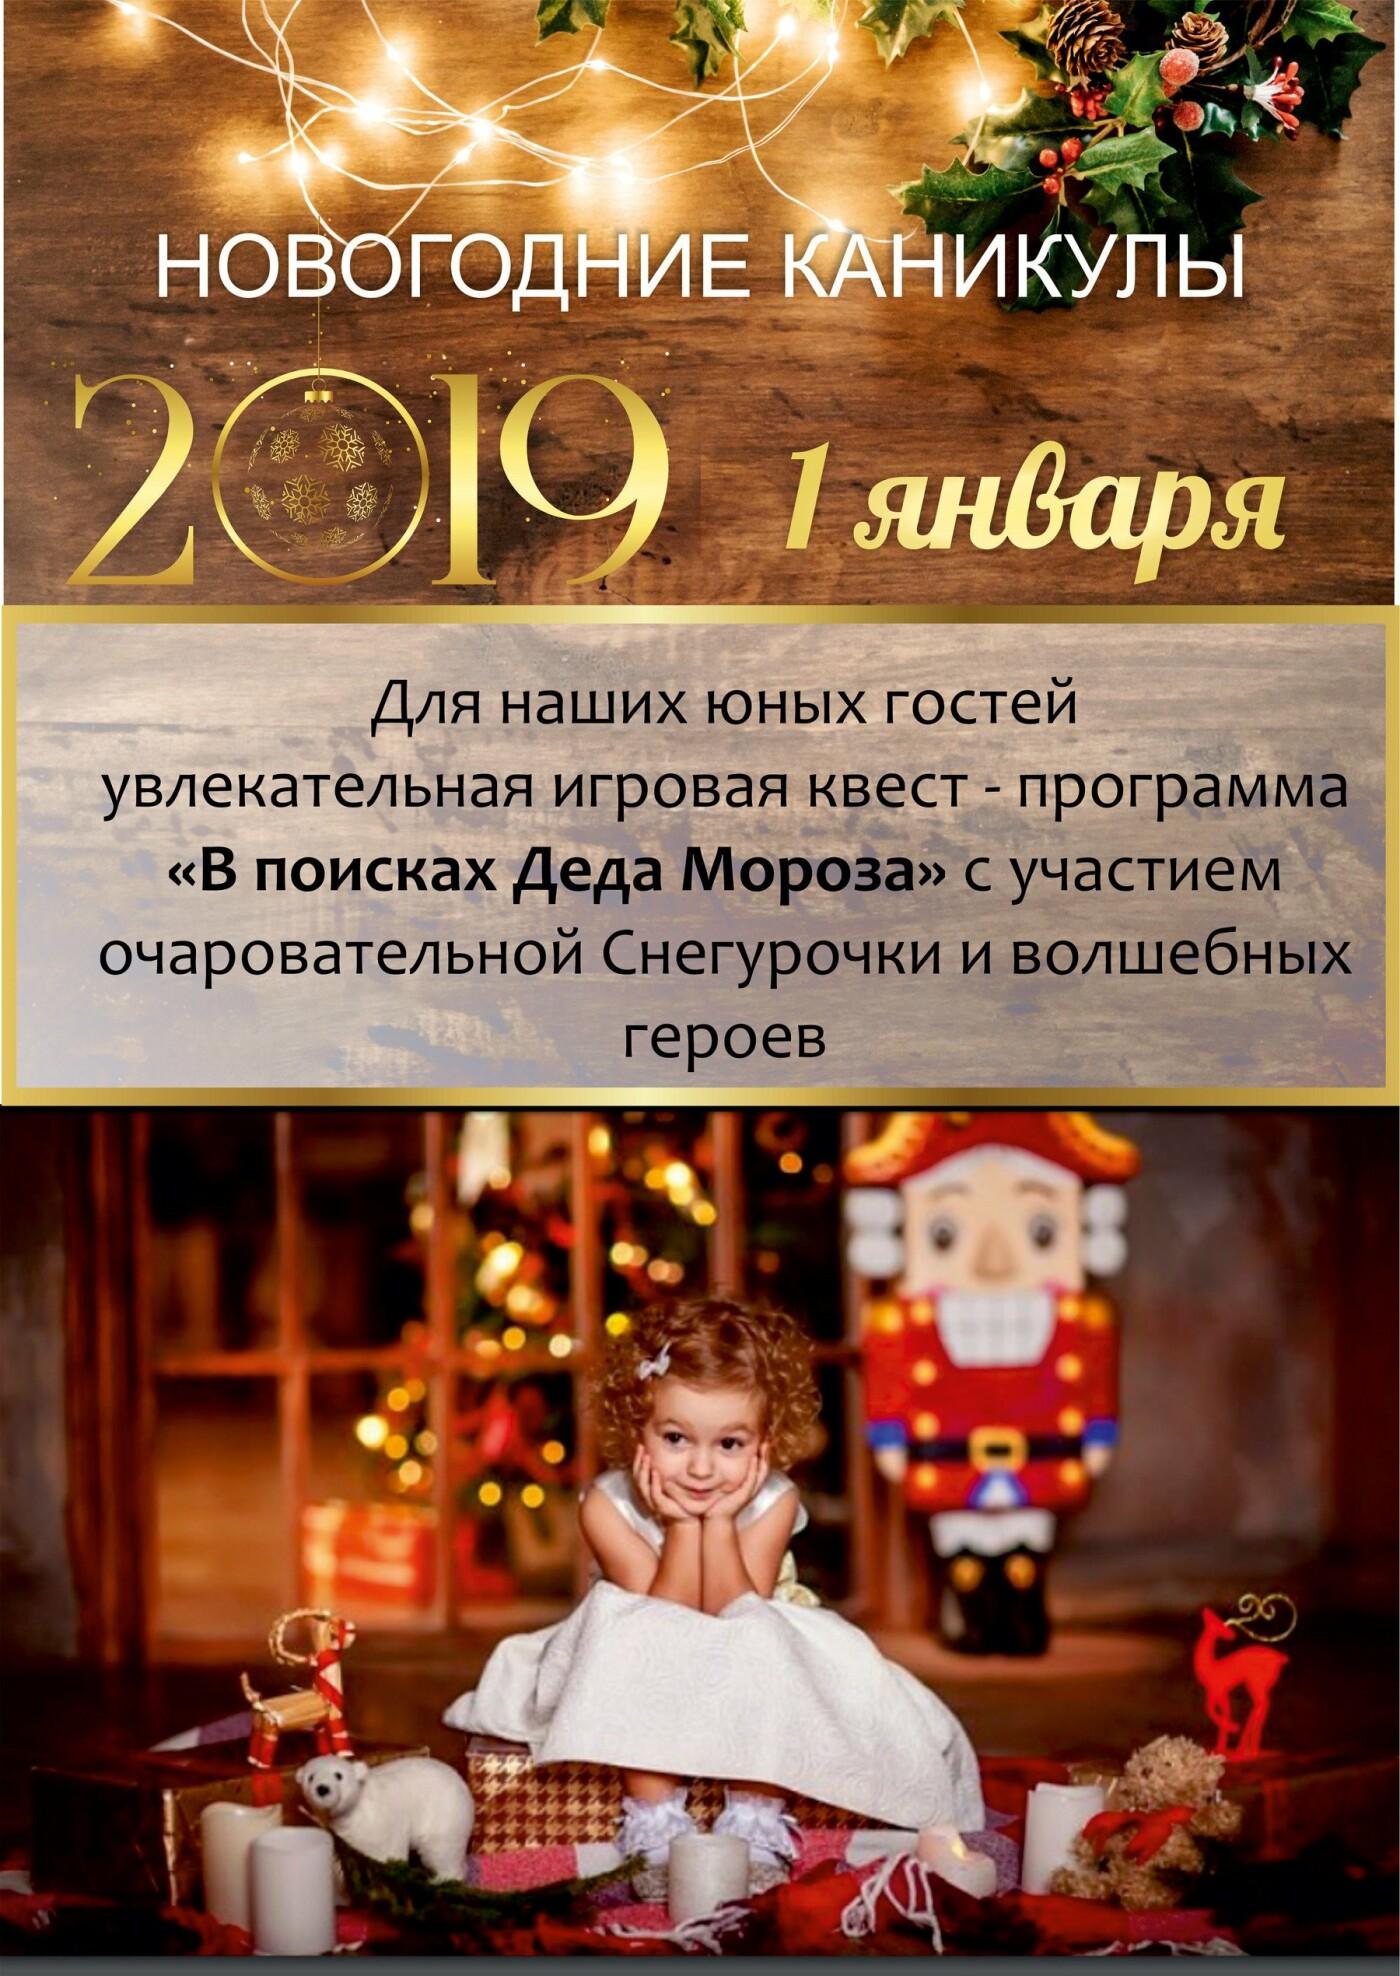 Встречайте Новый год-2019 всей семьей в санатории «Айвазовское»!, фото-2